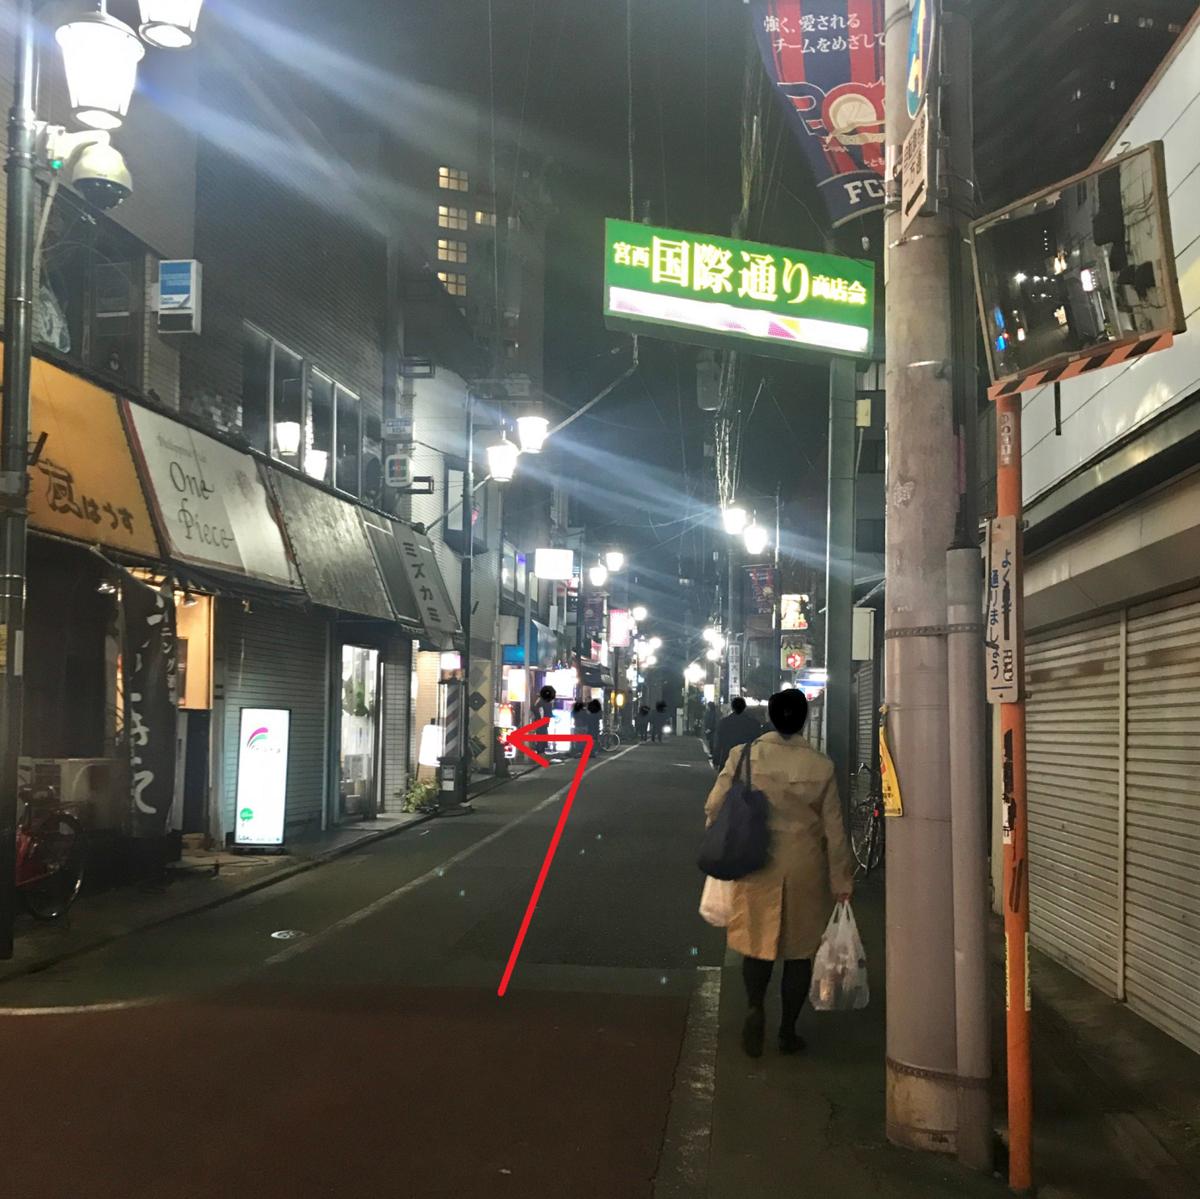 f:id:onna_jiro:20190329124449p:plain